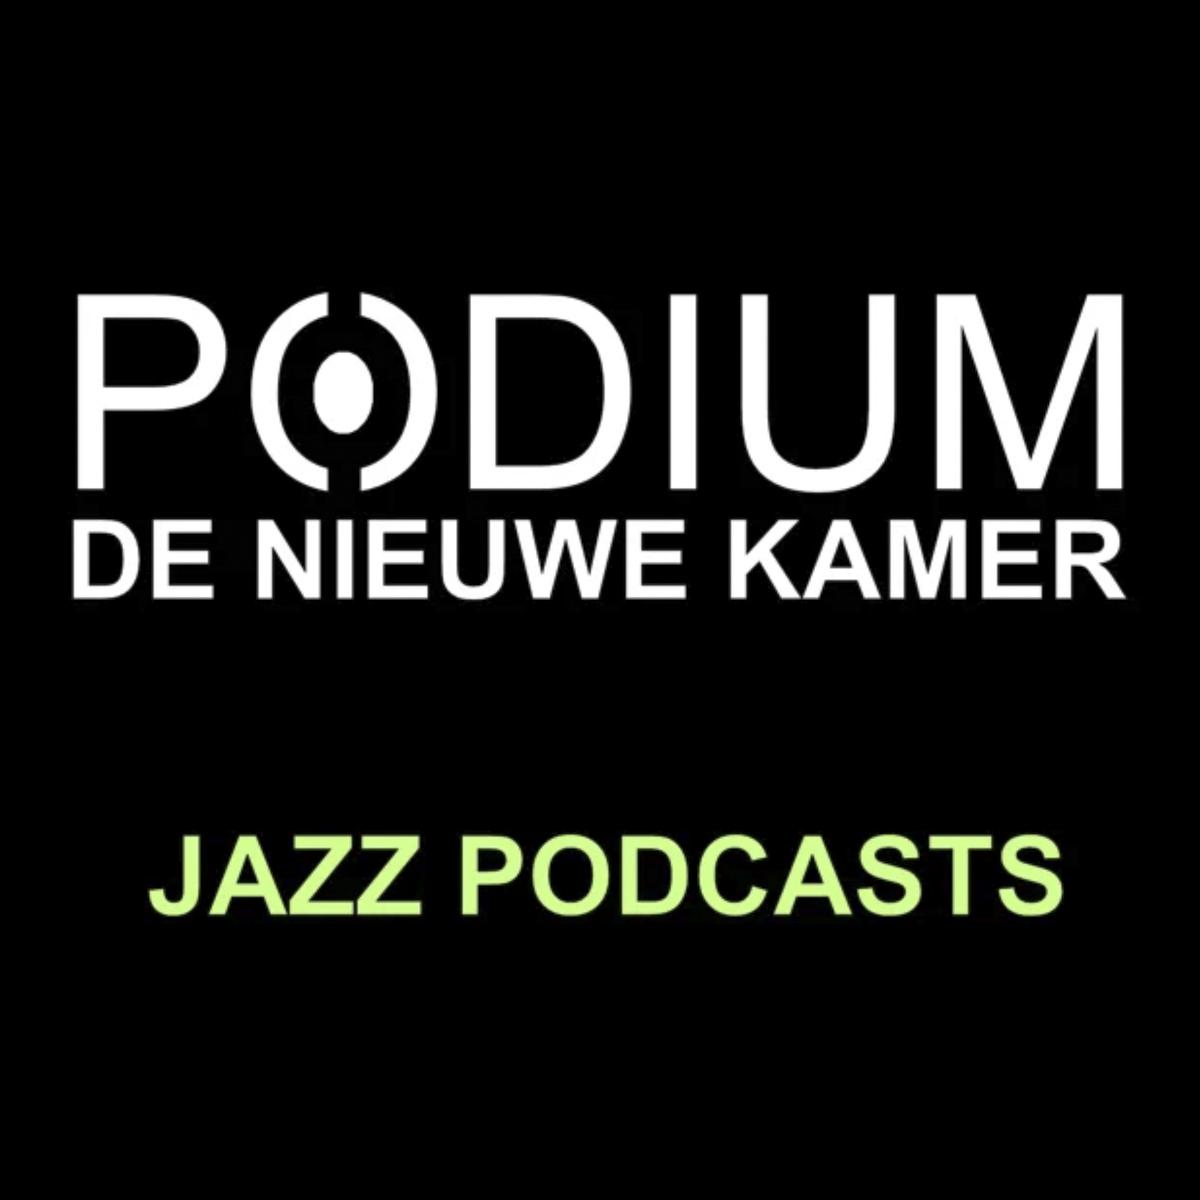 Jazz Podcasts Podium De Nieuwe Kamer